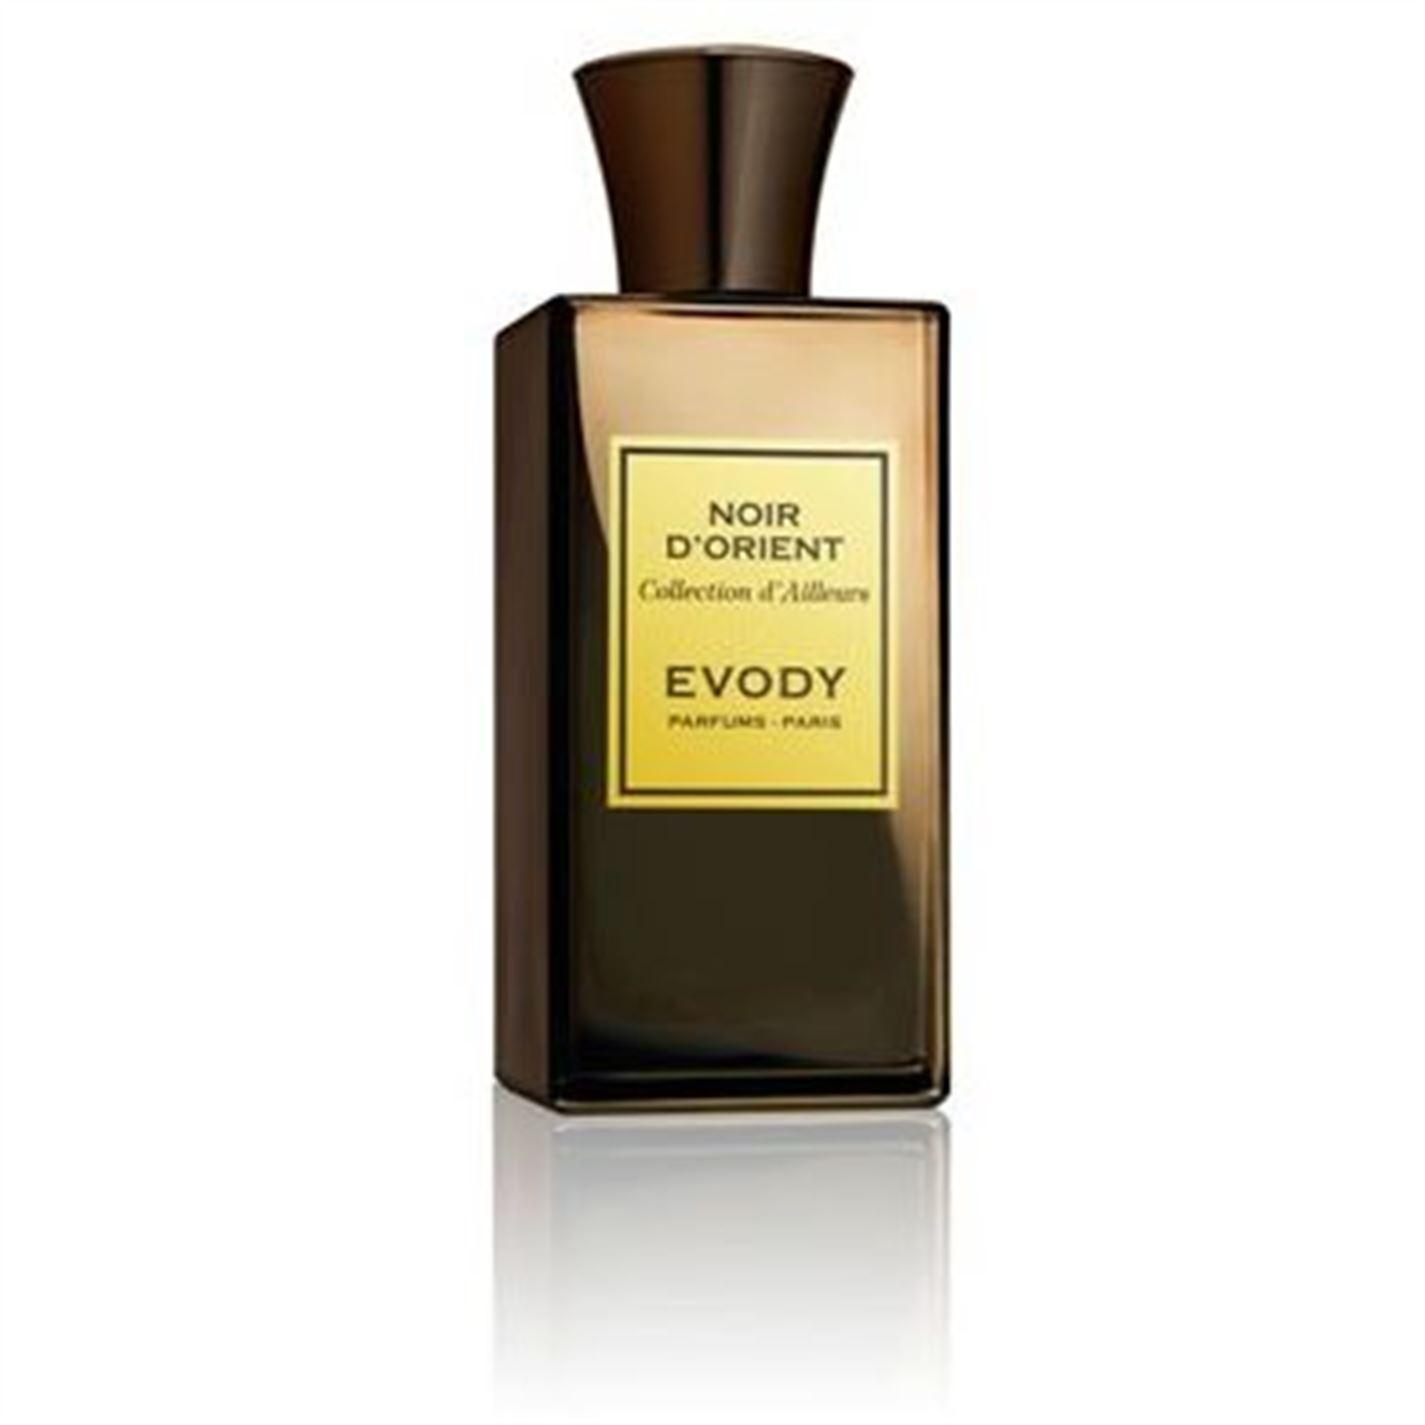 Evody Noir d`Orient Eau de Parfum 100ml